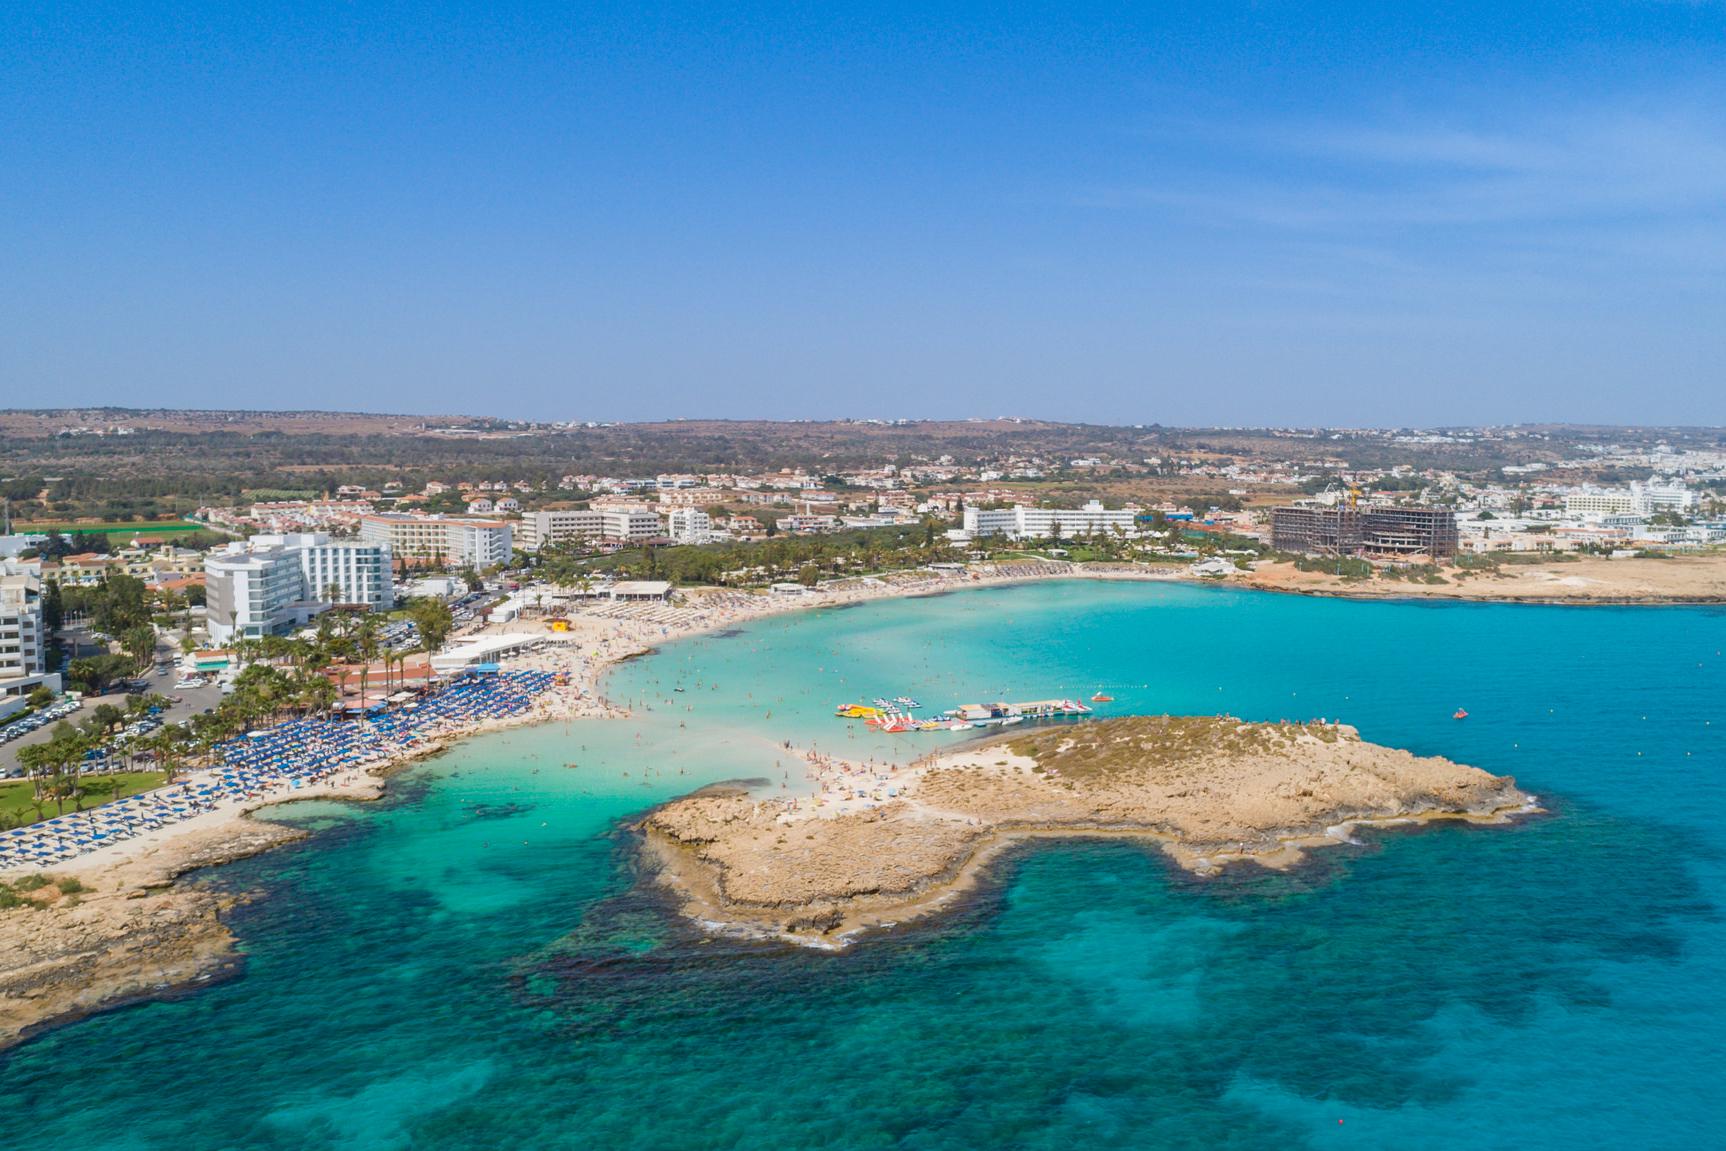 Море на Кипре — главный конкурент исторических памятников, которые достались острову за длинную и богатую историю<br>